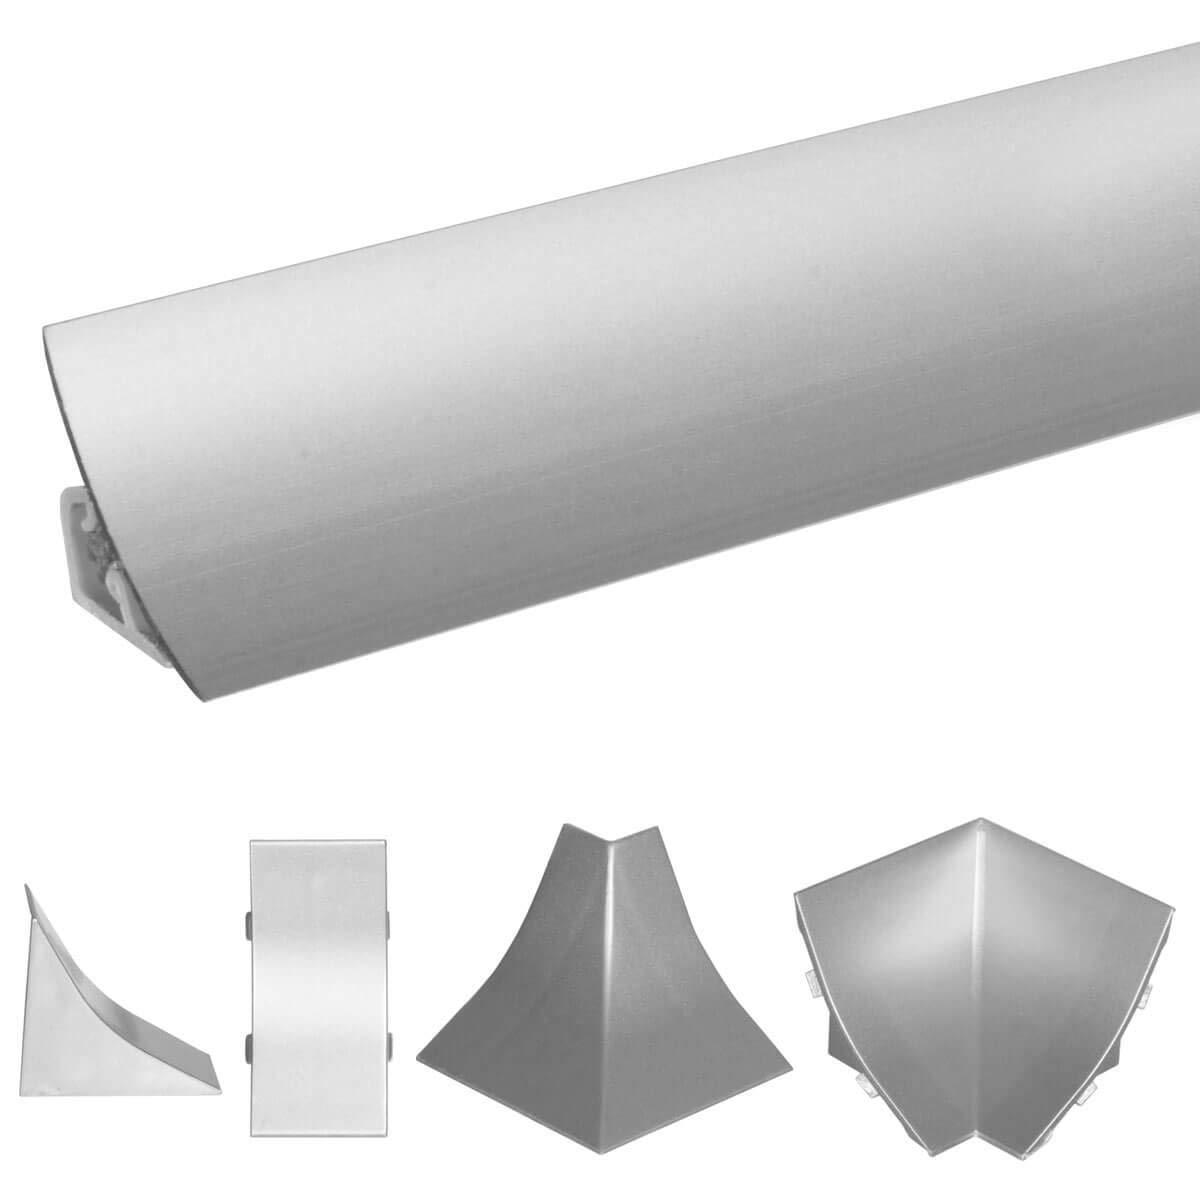 HOLZBRINK Copete de Encimera de Aluminio Listón de Acabado Aluminio Copete de encimeras de cocina 23x23 mm 150 cm: Amazon.es: Bricolaje y herramientas